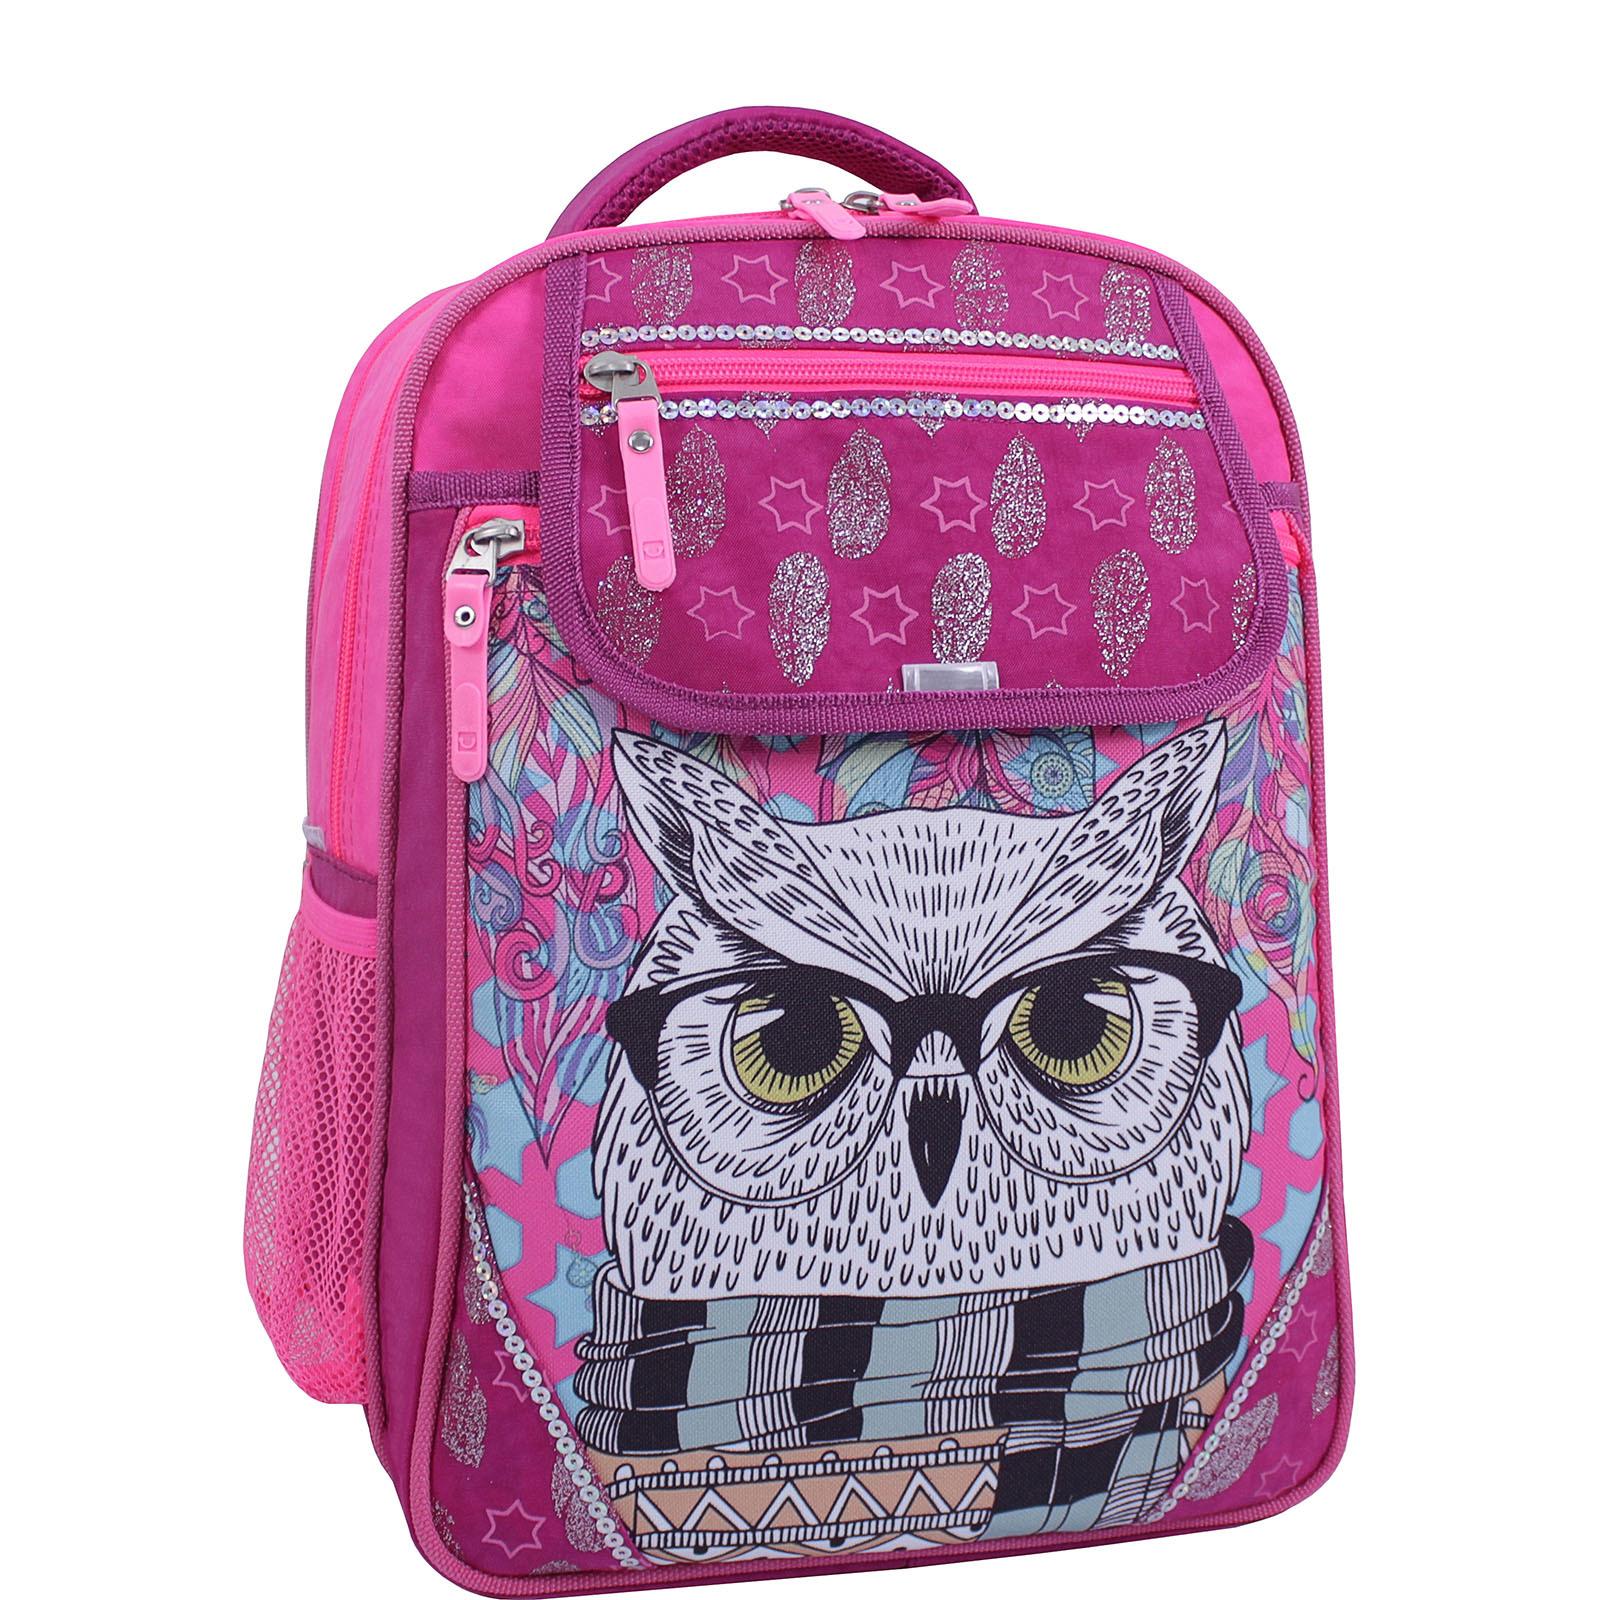 Рюкзак школьный Bagland Отличник 20 л. Малиновый 514 (0058070) фото 1